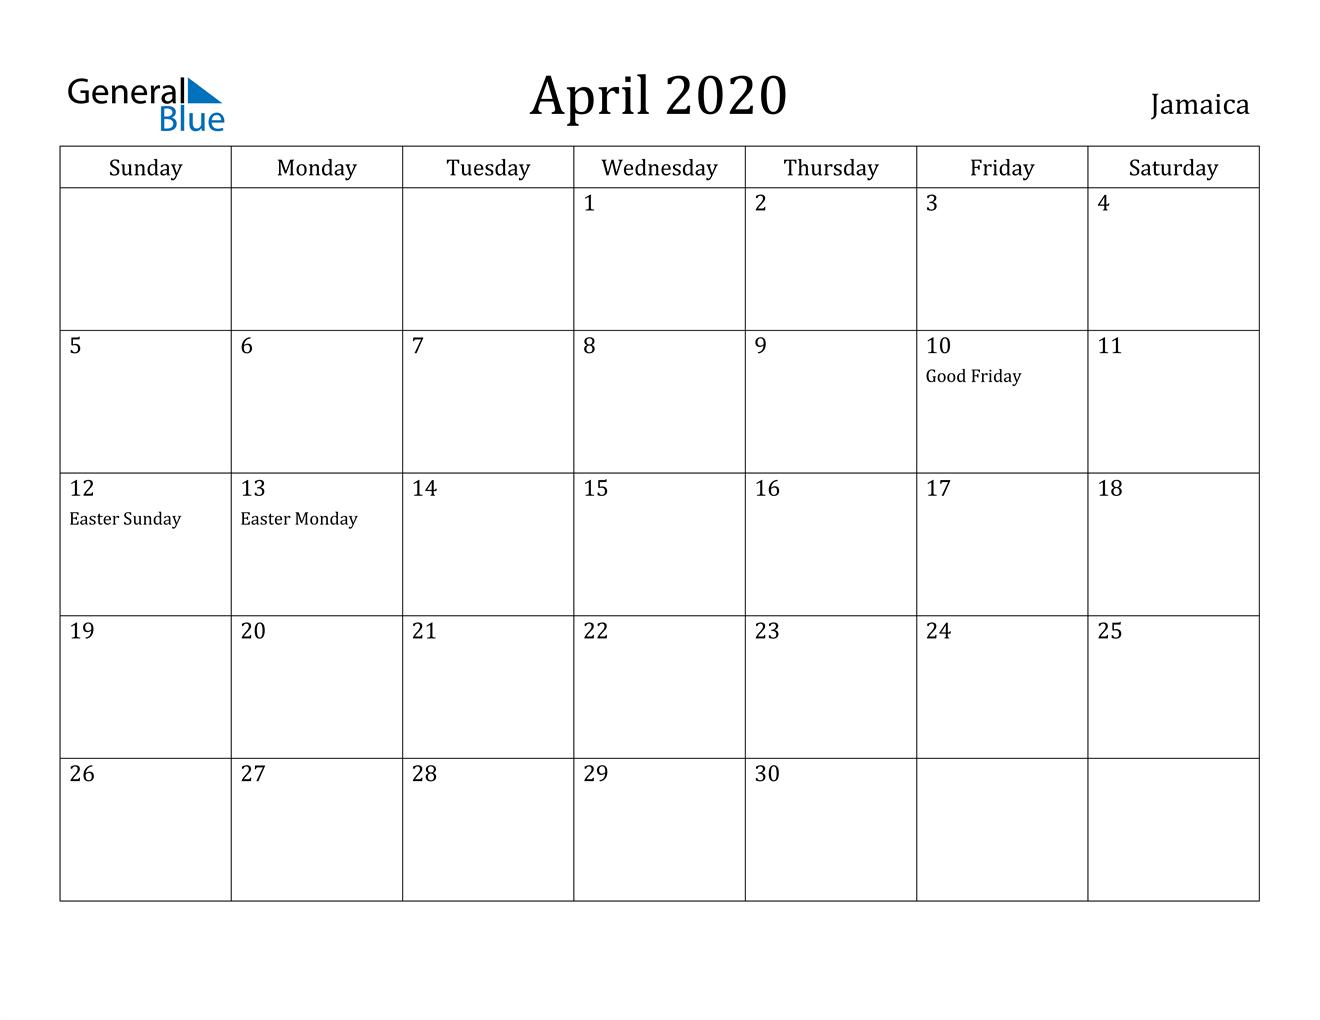 Image of April 2020 Jamaica Calendar with Holidays Calendar